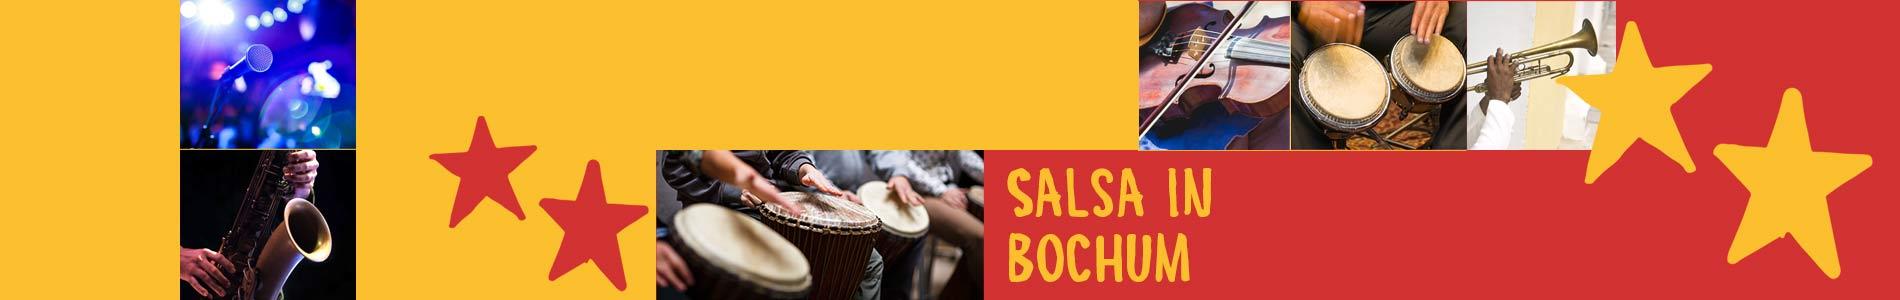 Salsa in Bochum – Salsa lernen und tanzen, Tanzkurse, Partys, Veranstaltungen